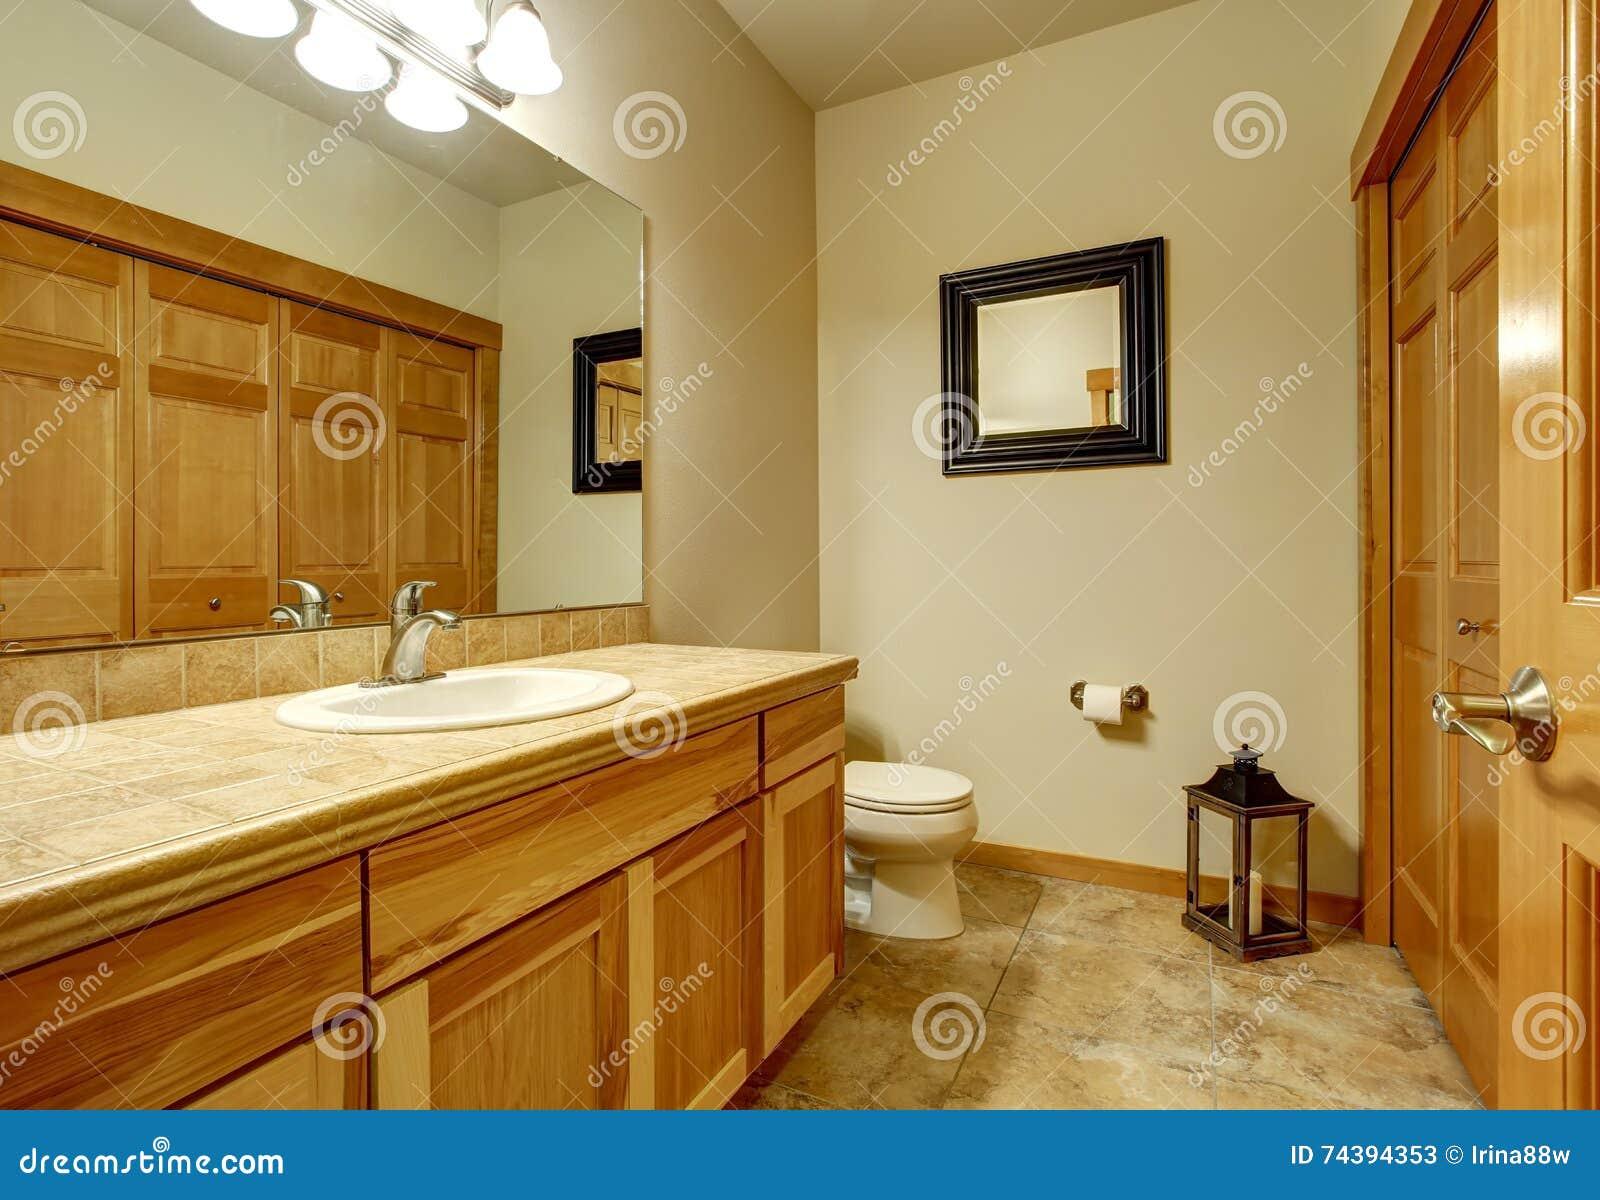 Bathroom Floor Cabinet. Bathroom Cabinet Wall Mount With Beige Wall ...